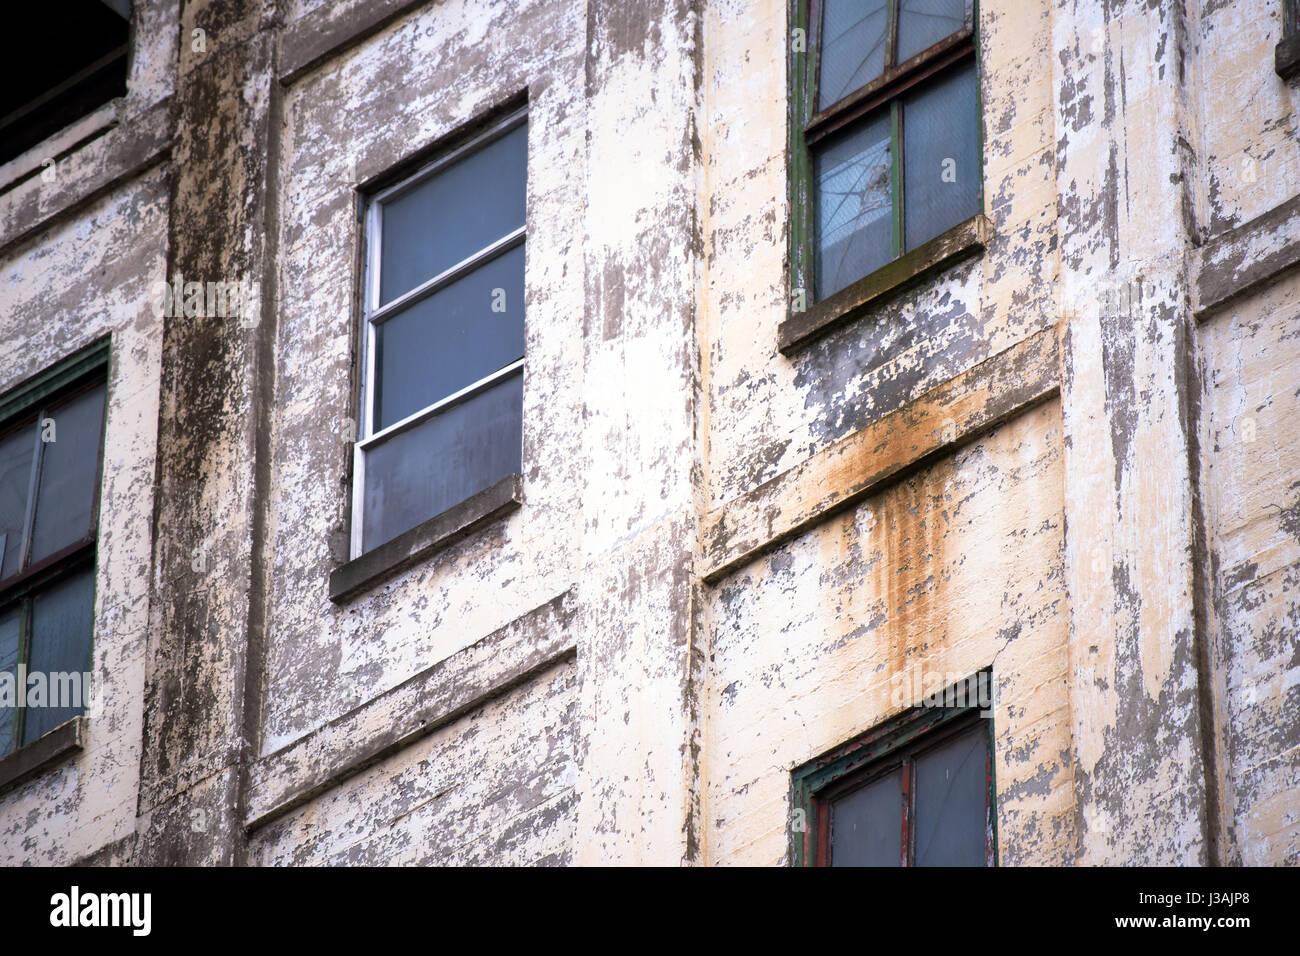 Attractive Die Äußere Mauer Des Alten Funktionsunfähig Heruntergekommenen Verlassenen  Mehrstöckige Industriebau Stockbild